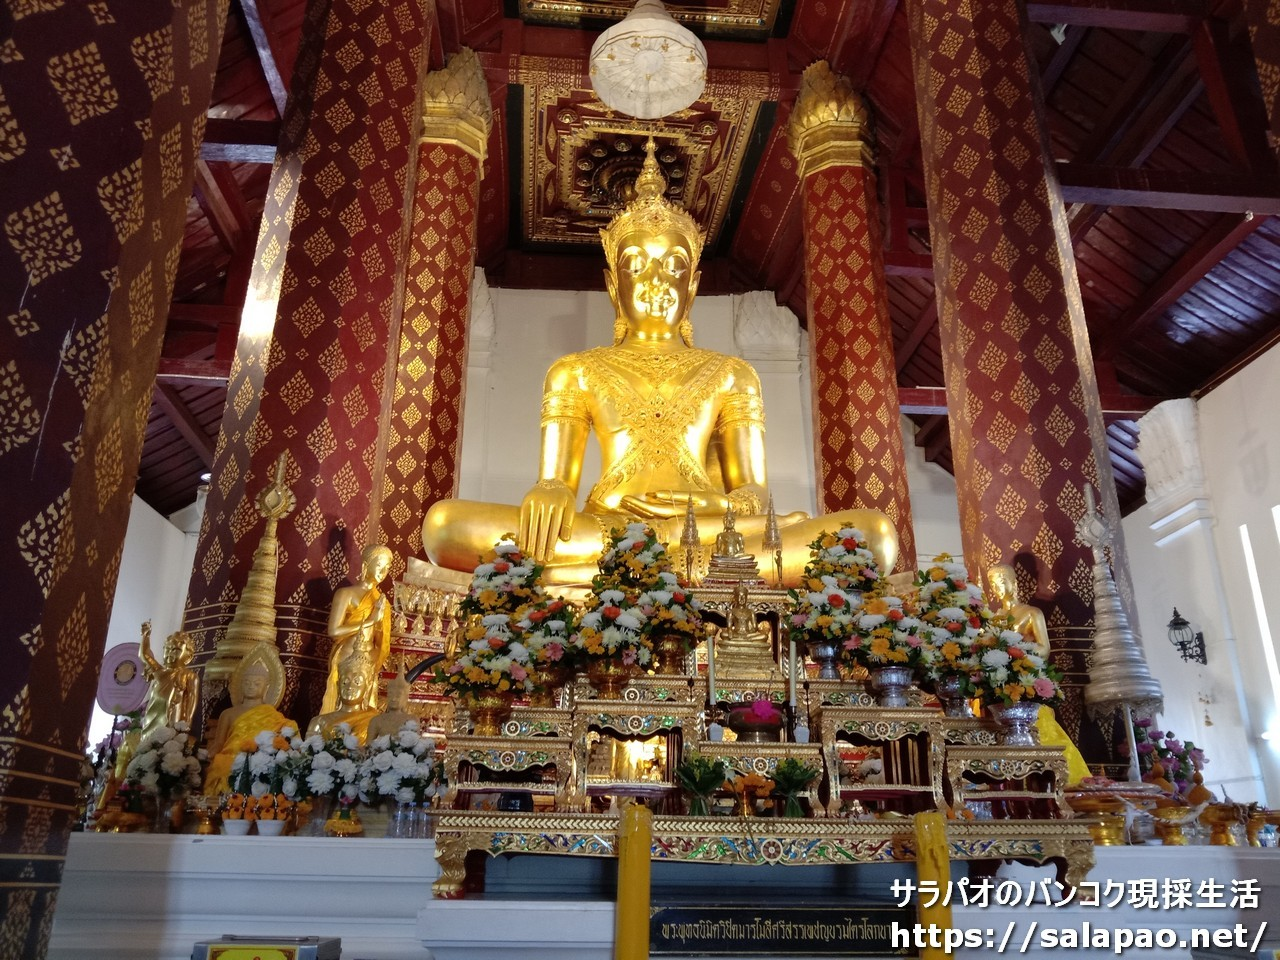 ワット・ナー・プラメーンに納められている珍しい王仏像 in アユタヤ歴史公園